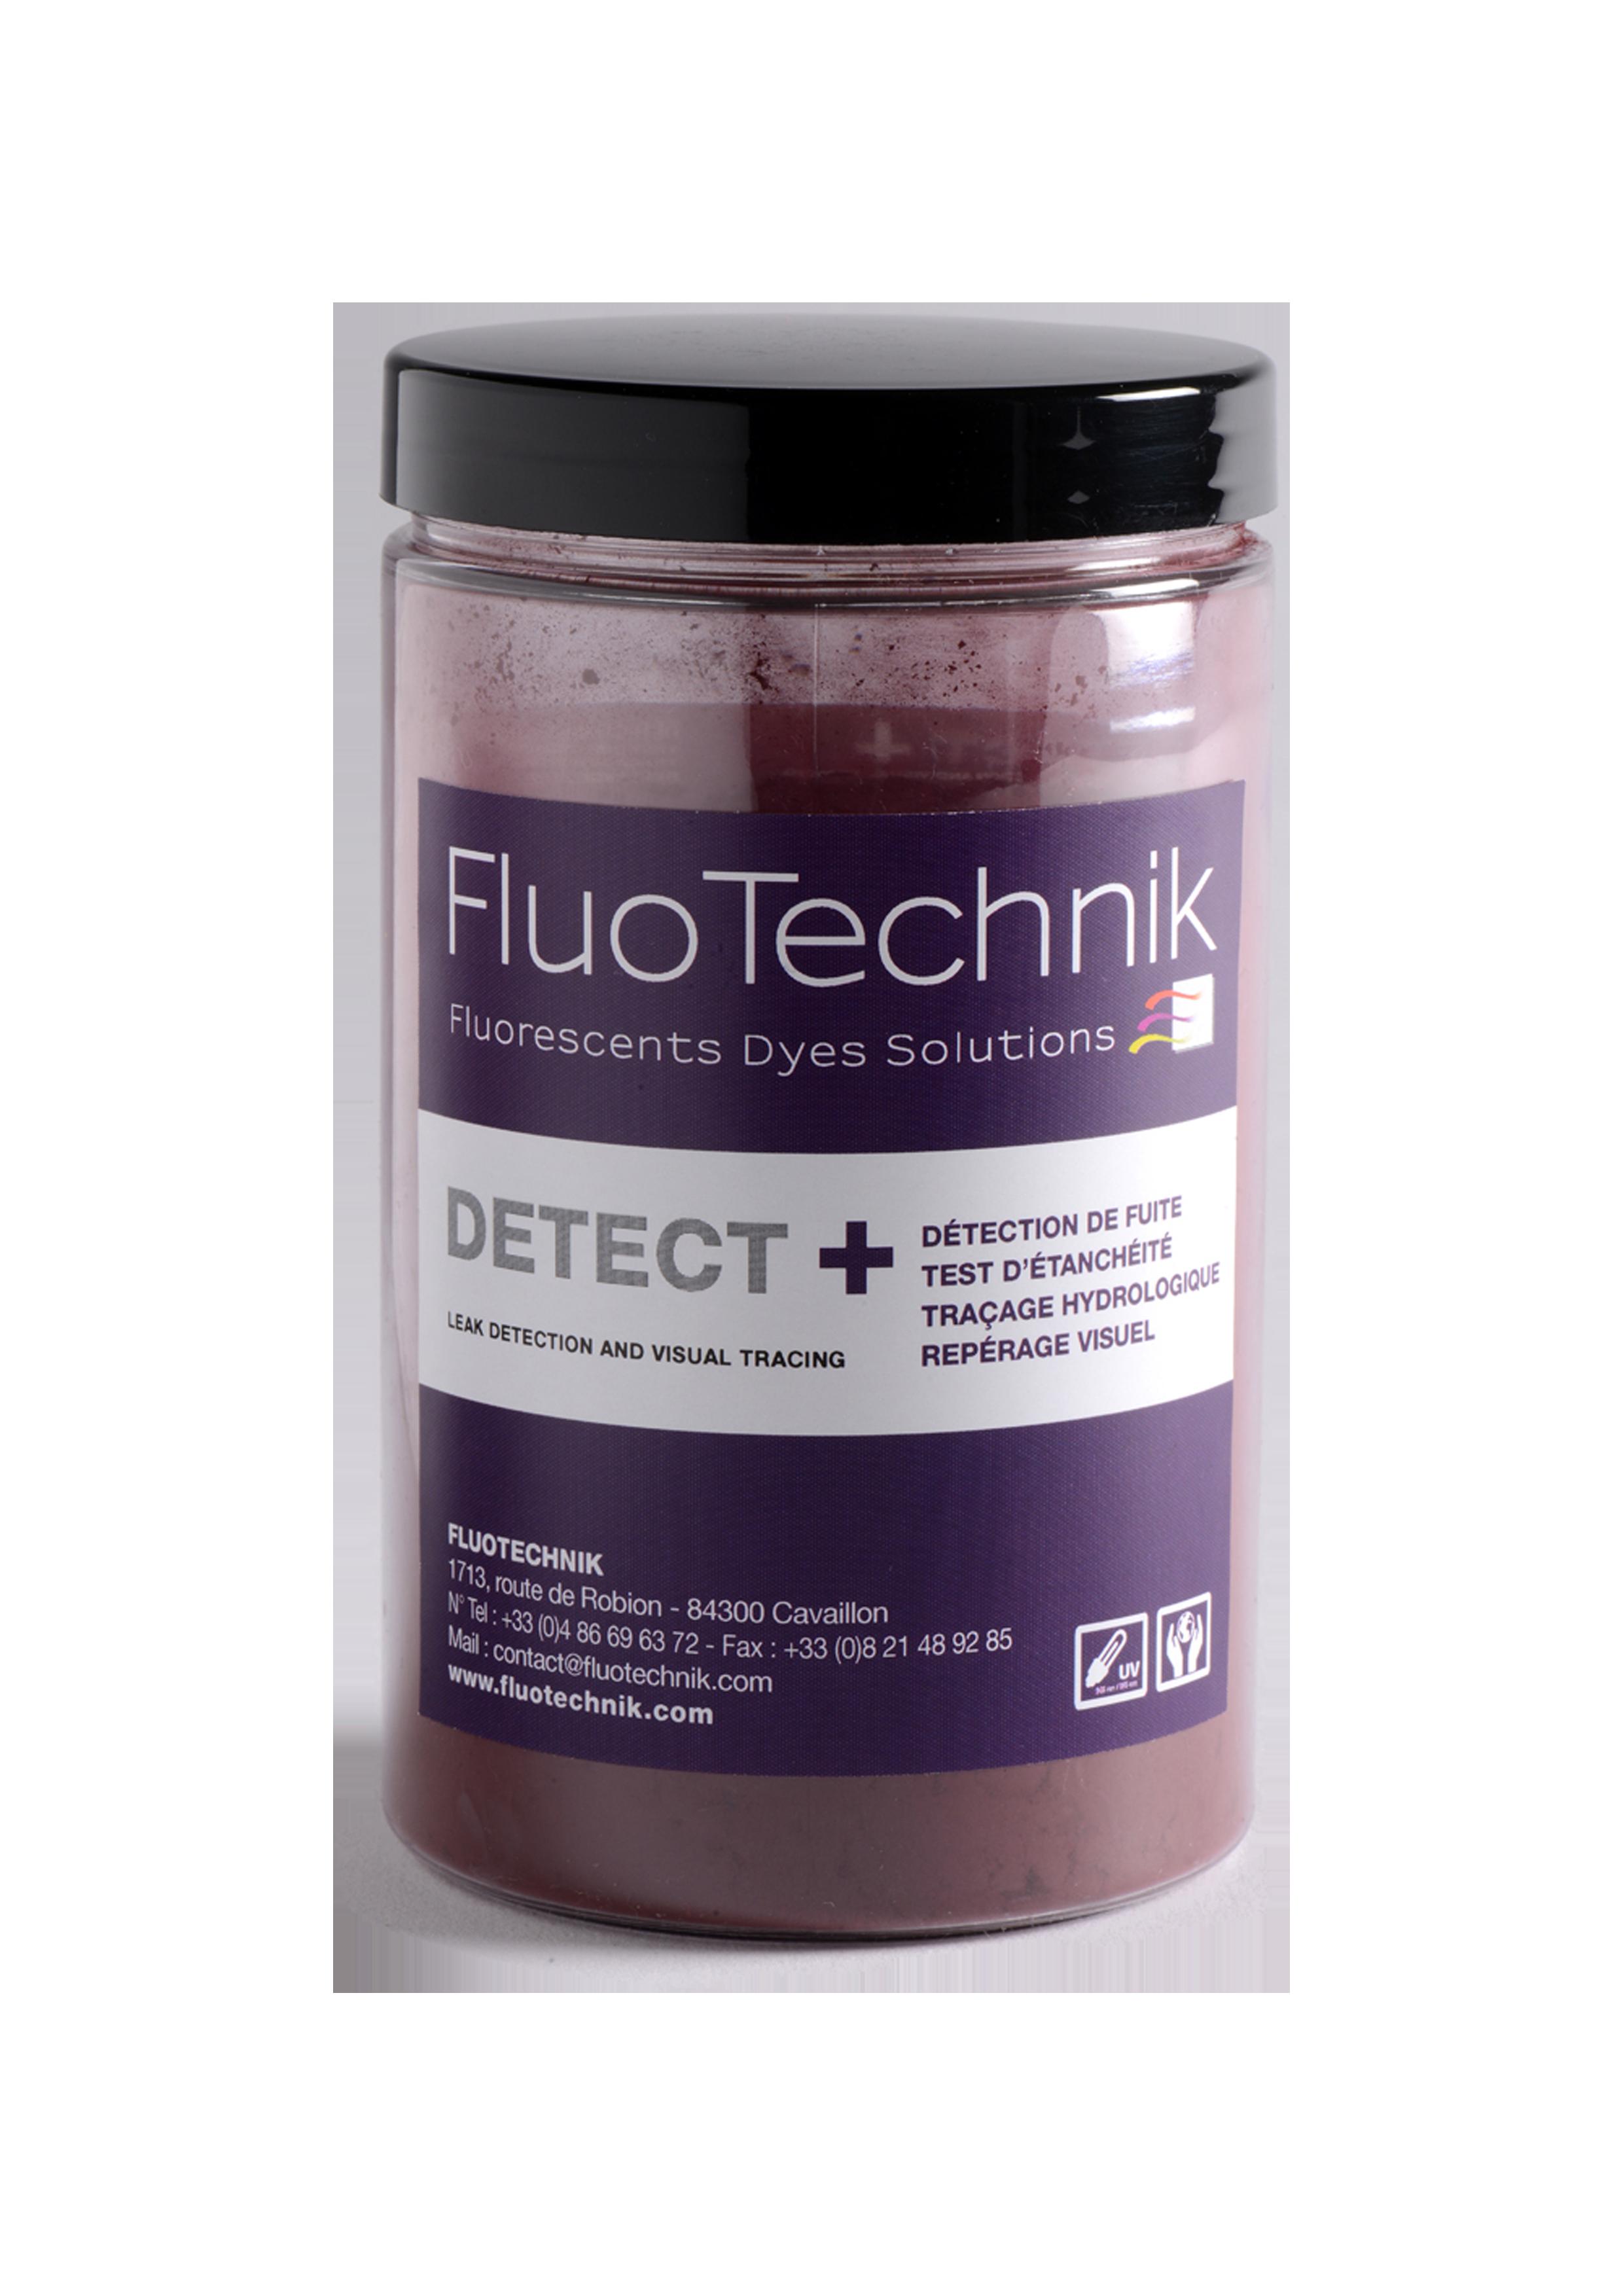 traceur violet fluorescent uv pour leau en poudre pour dtection de fuite et test - Colorant Pour Fuite Piscine